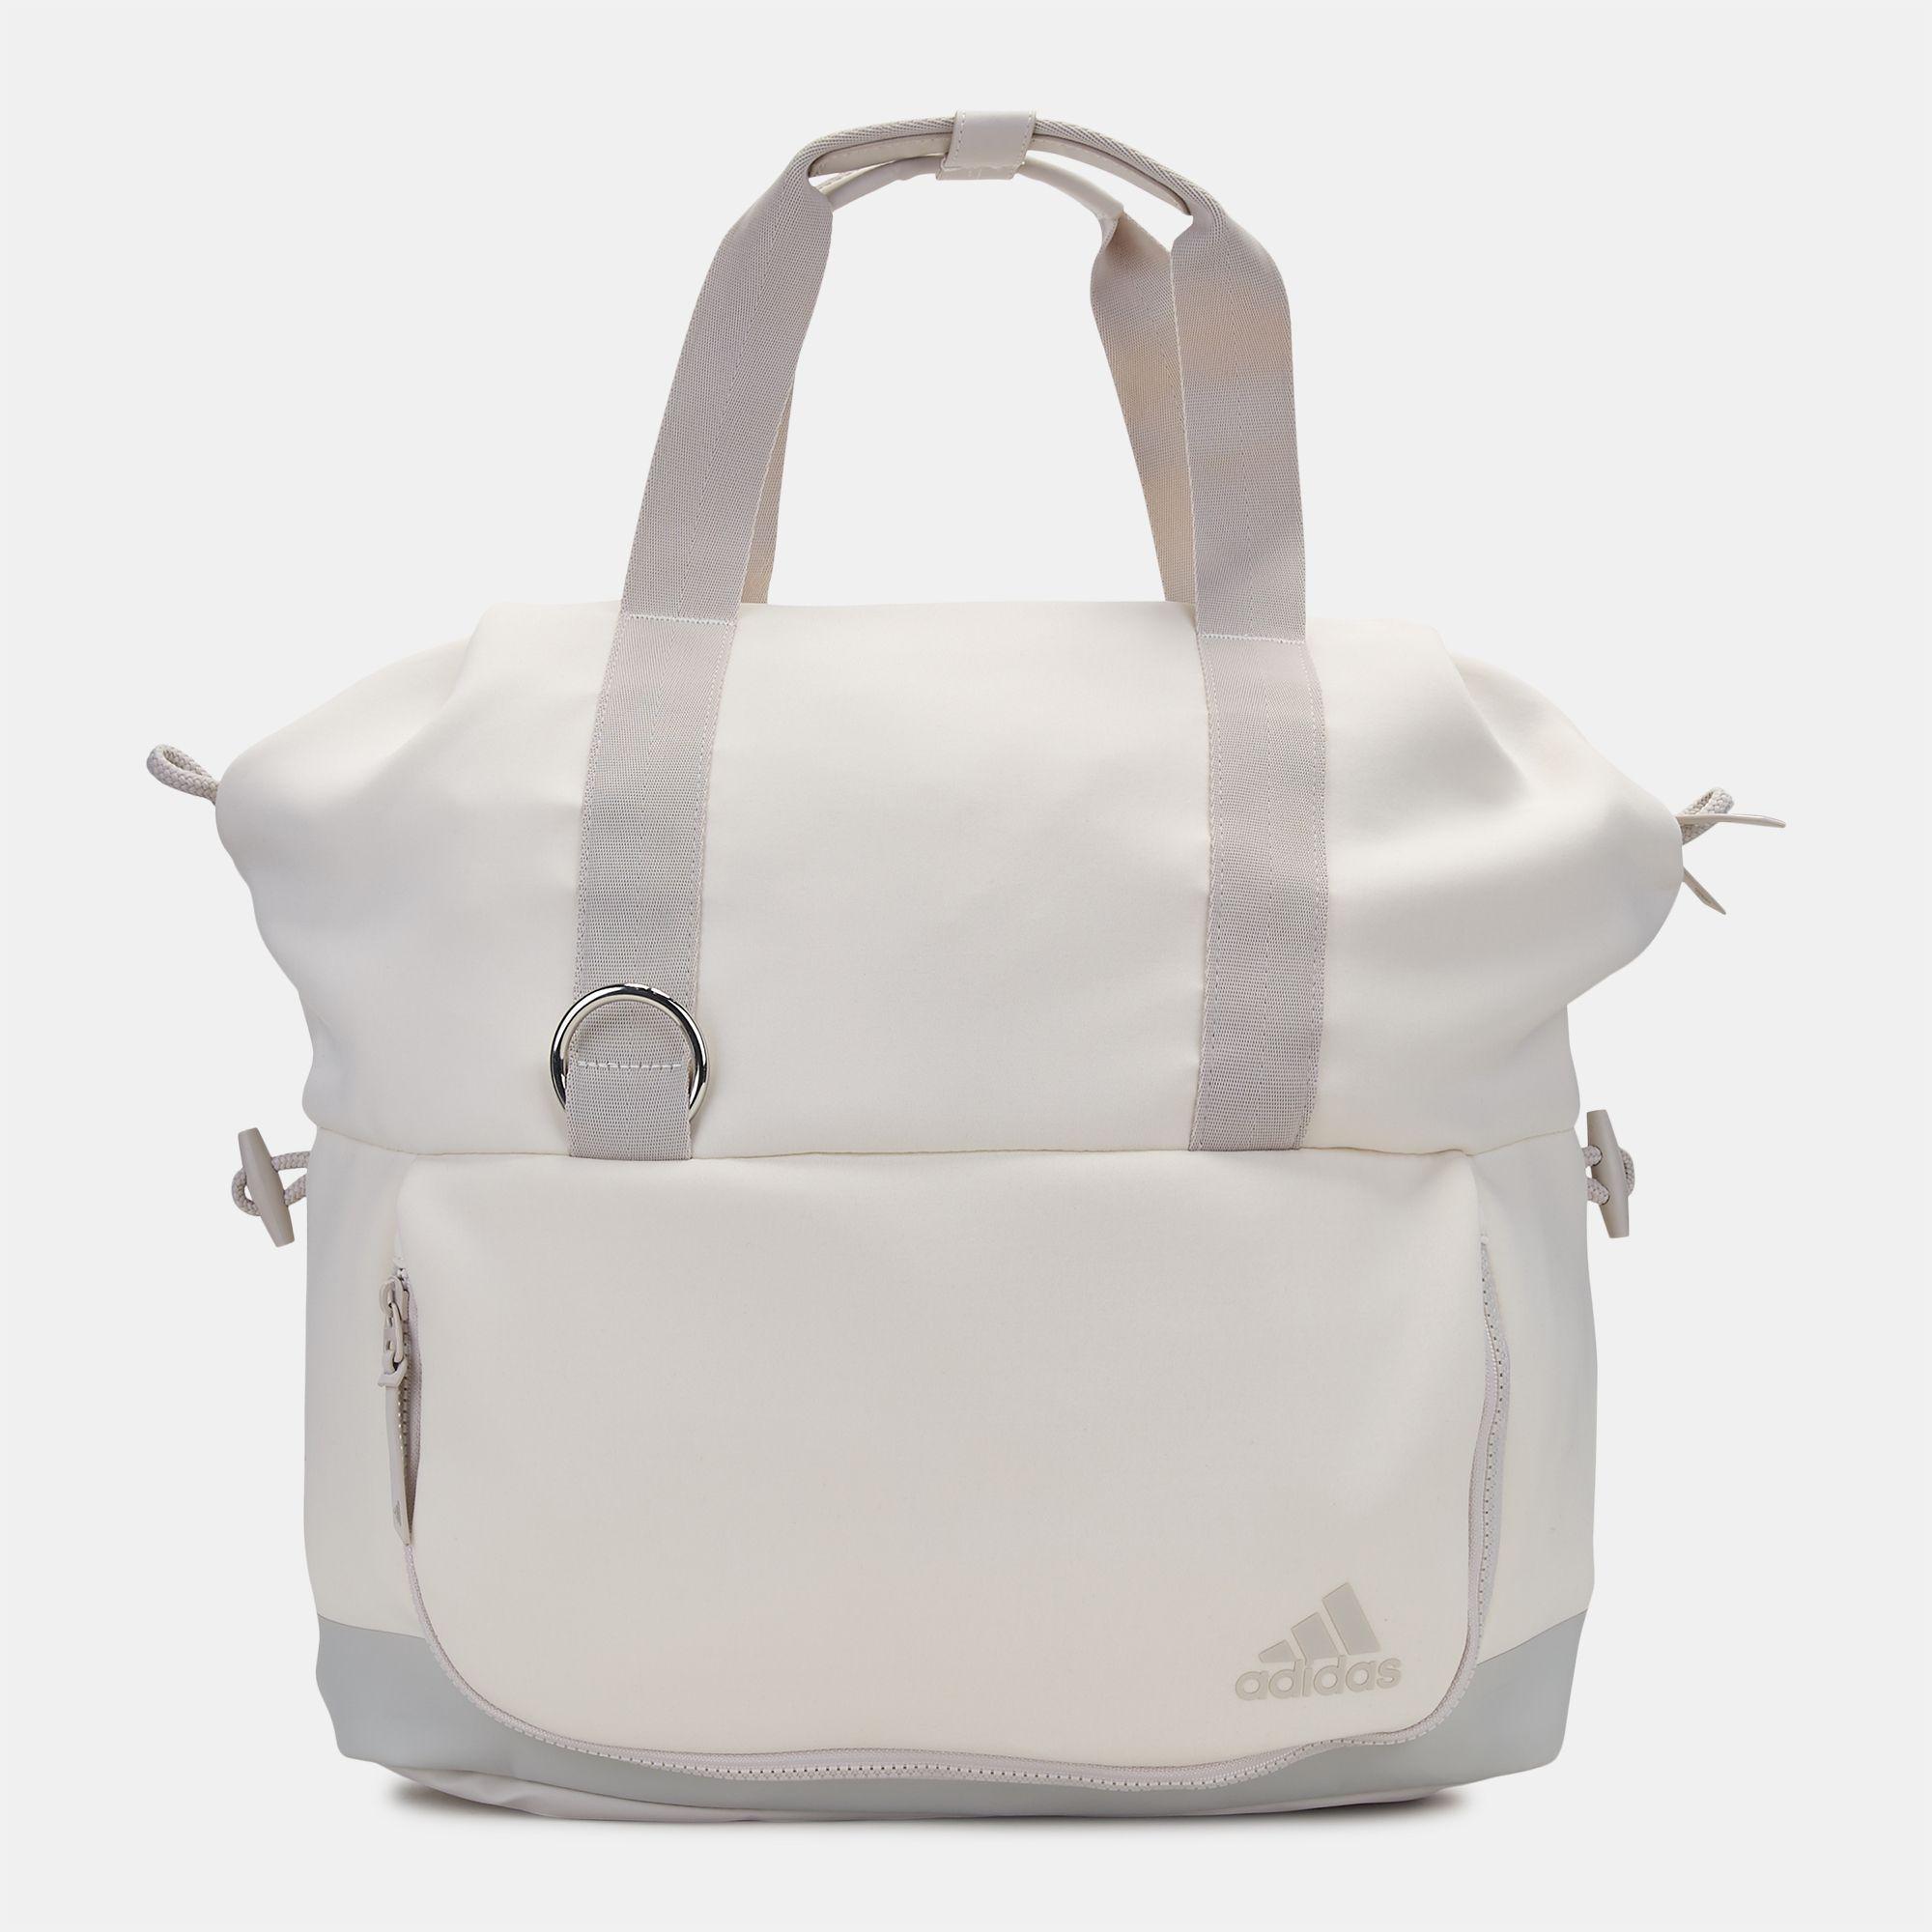 Adidas Favorite Tote Bag White